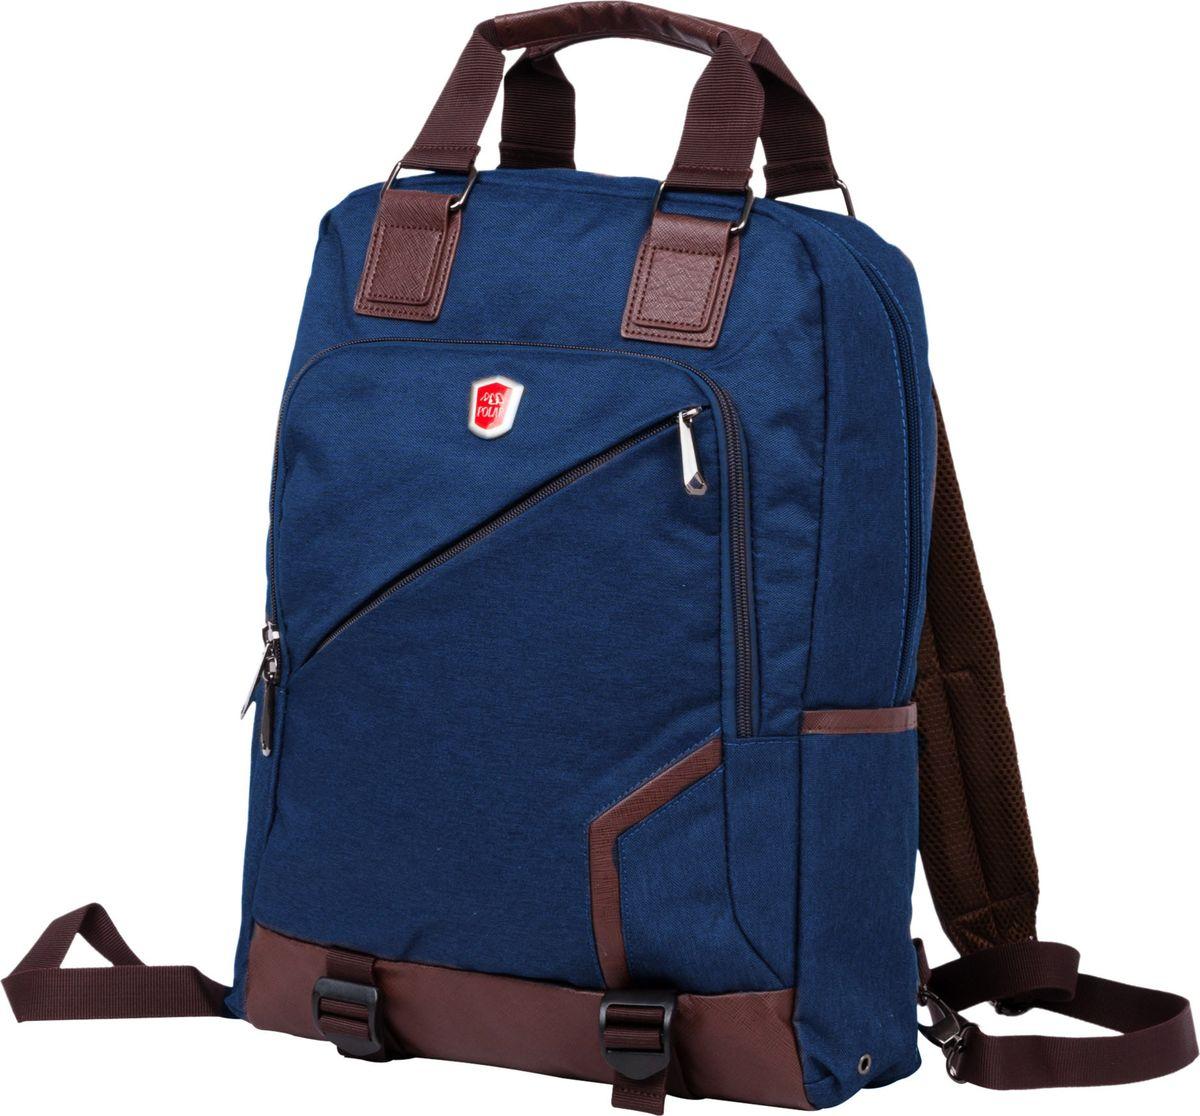 Рюкзак-сумка городской Polar, цвет: синий, 12 л. 541-1541-1Сумка-рюкзак Polar имеет одно вместительное отделение, которое закрывается на молнию. Внутри расположены два кармана из сетчатого материала, и вместительное отделение под ноутбук или планшет (данное отделение фиксируется светло-серой резинкой на липучке). Спереди рюкзака размещён большой карман на молнии, который имеет ещё одну молнию по периметру (карман украшен логотипом компании Polar). По бокам расположены ещё два малых кармана. Лямки пристёгиваются карабинами и регулируются по длине. Сзади присутствует большой открытый карман на липучке, куда можно убрать лямки и переносить сумку в руке. Сверху расположены ручки для переноски сумки-рюкзака высотой 11см. Края карманов, ручки и дно обработаны вставками из экокожи.